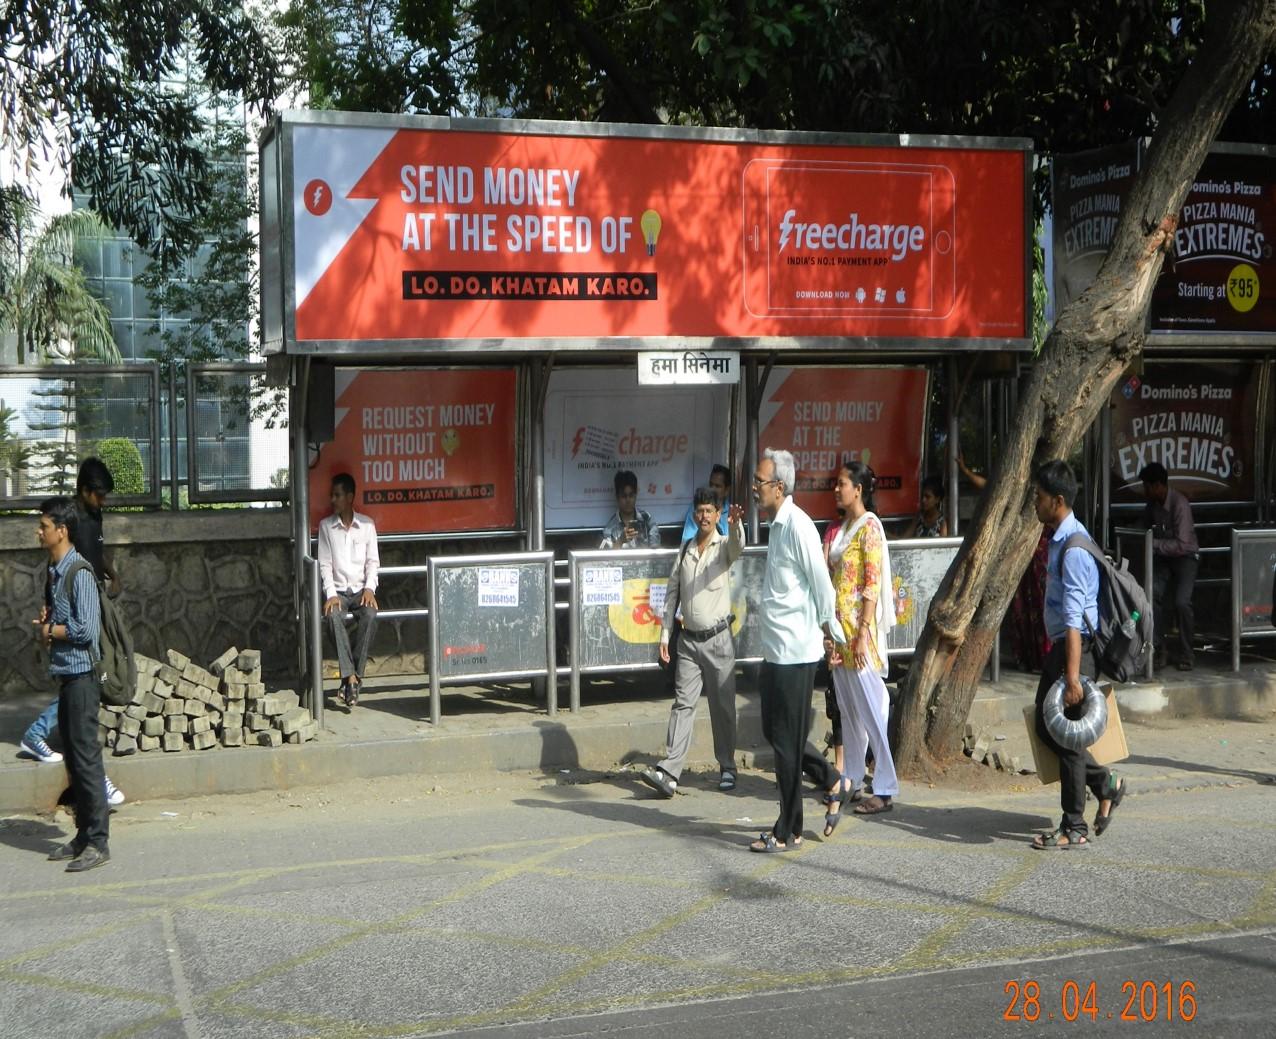 Huma Cinema - Kanjurmarg Dn 1st, Mumbai